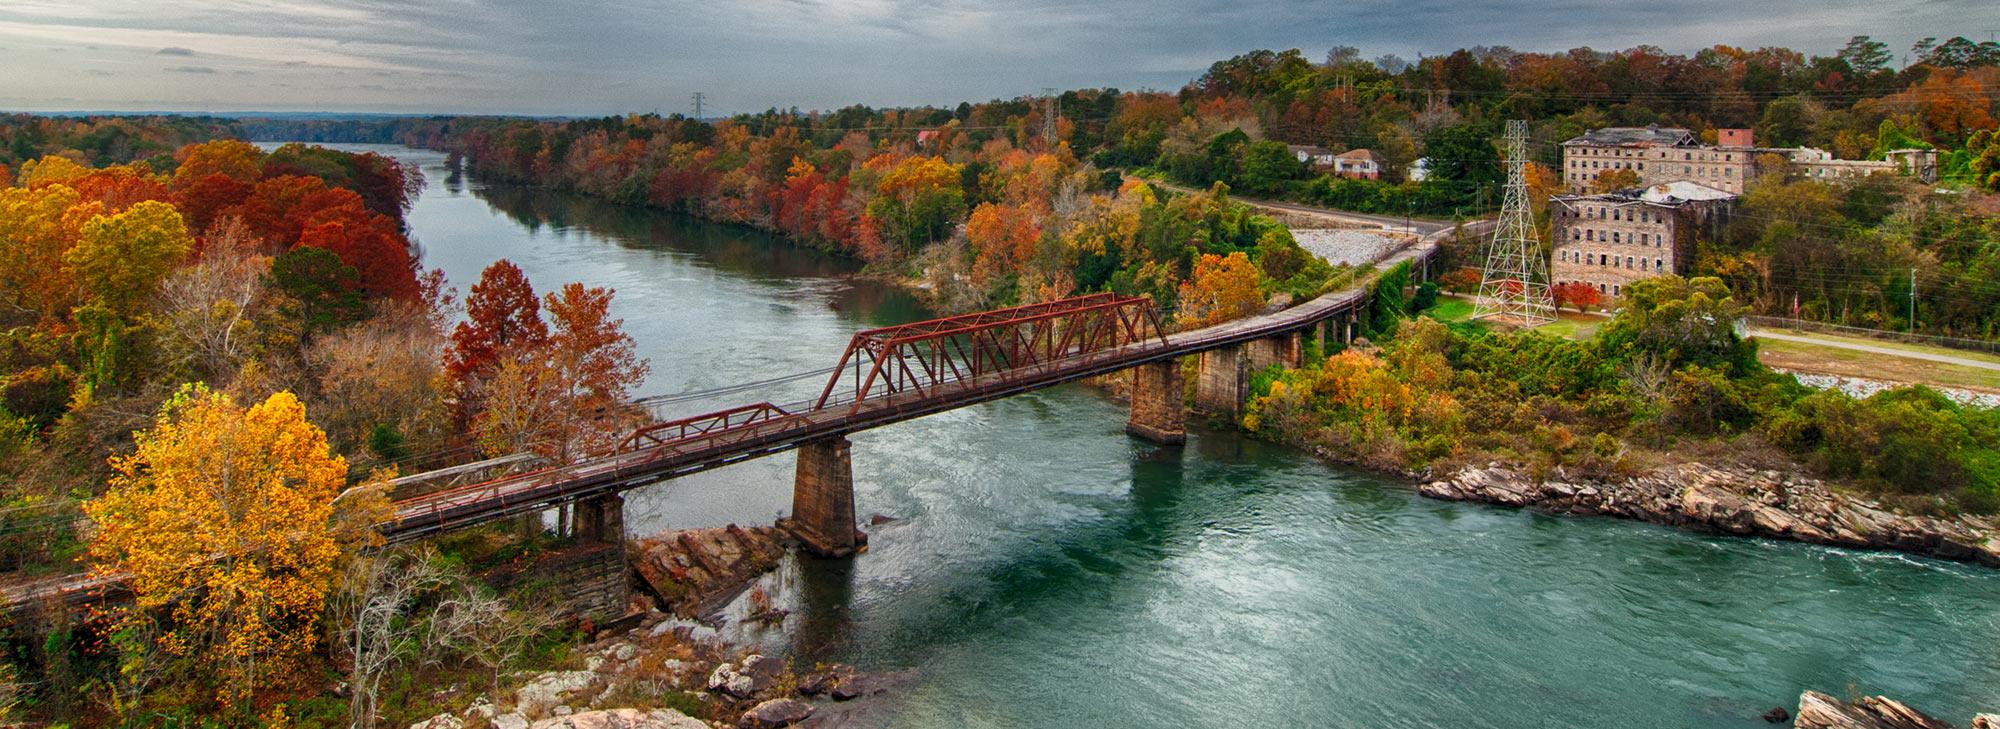 River Region: Tallassee, AL